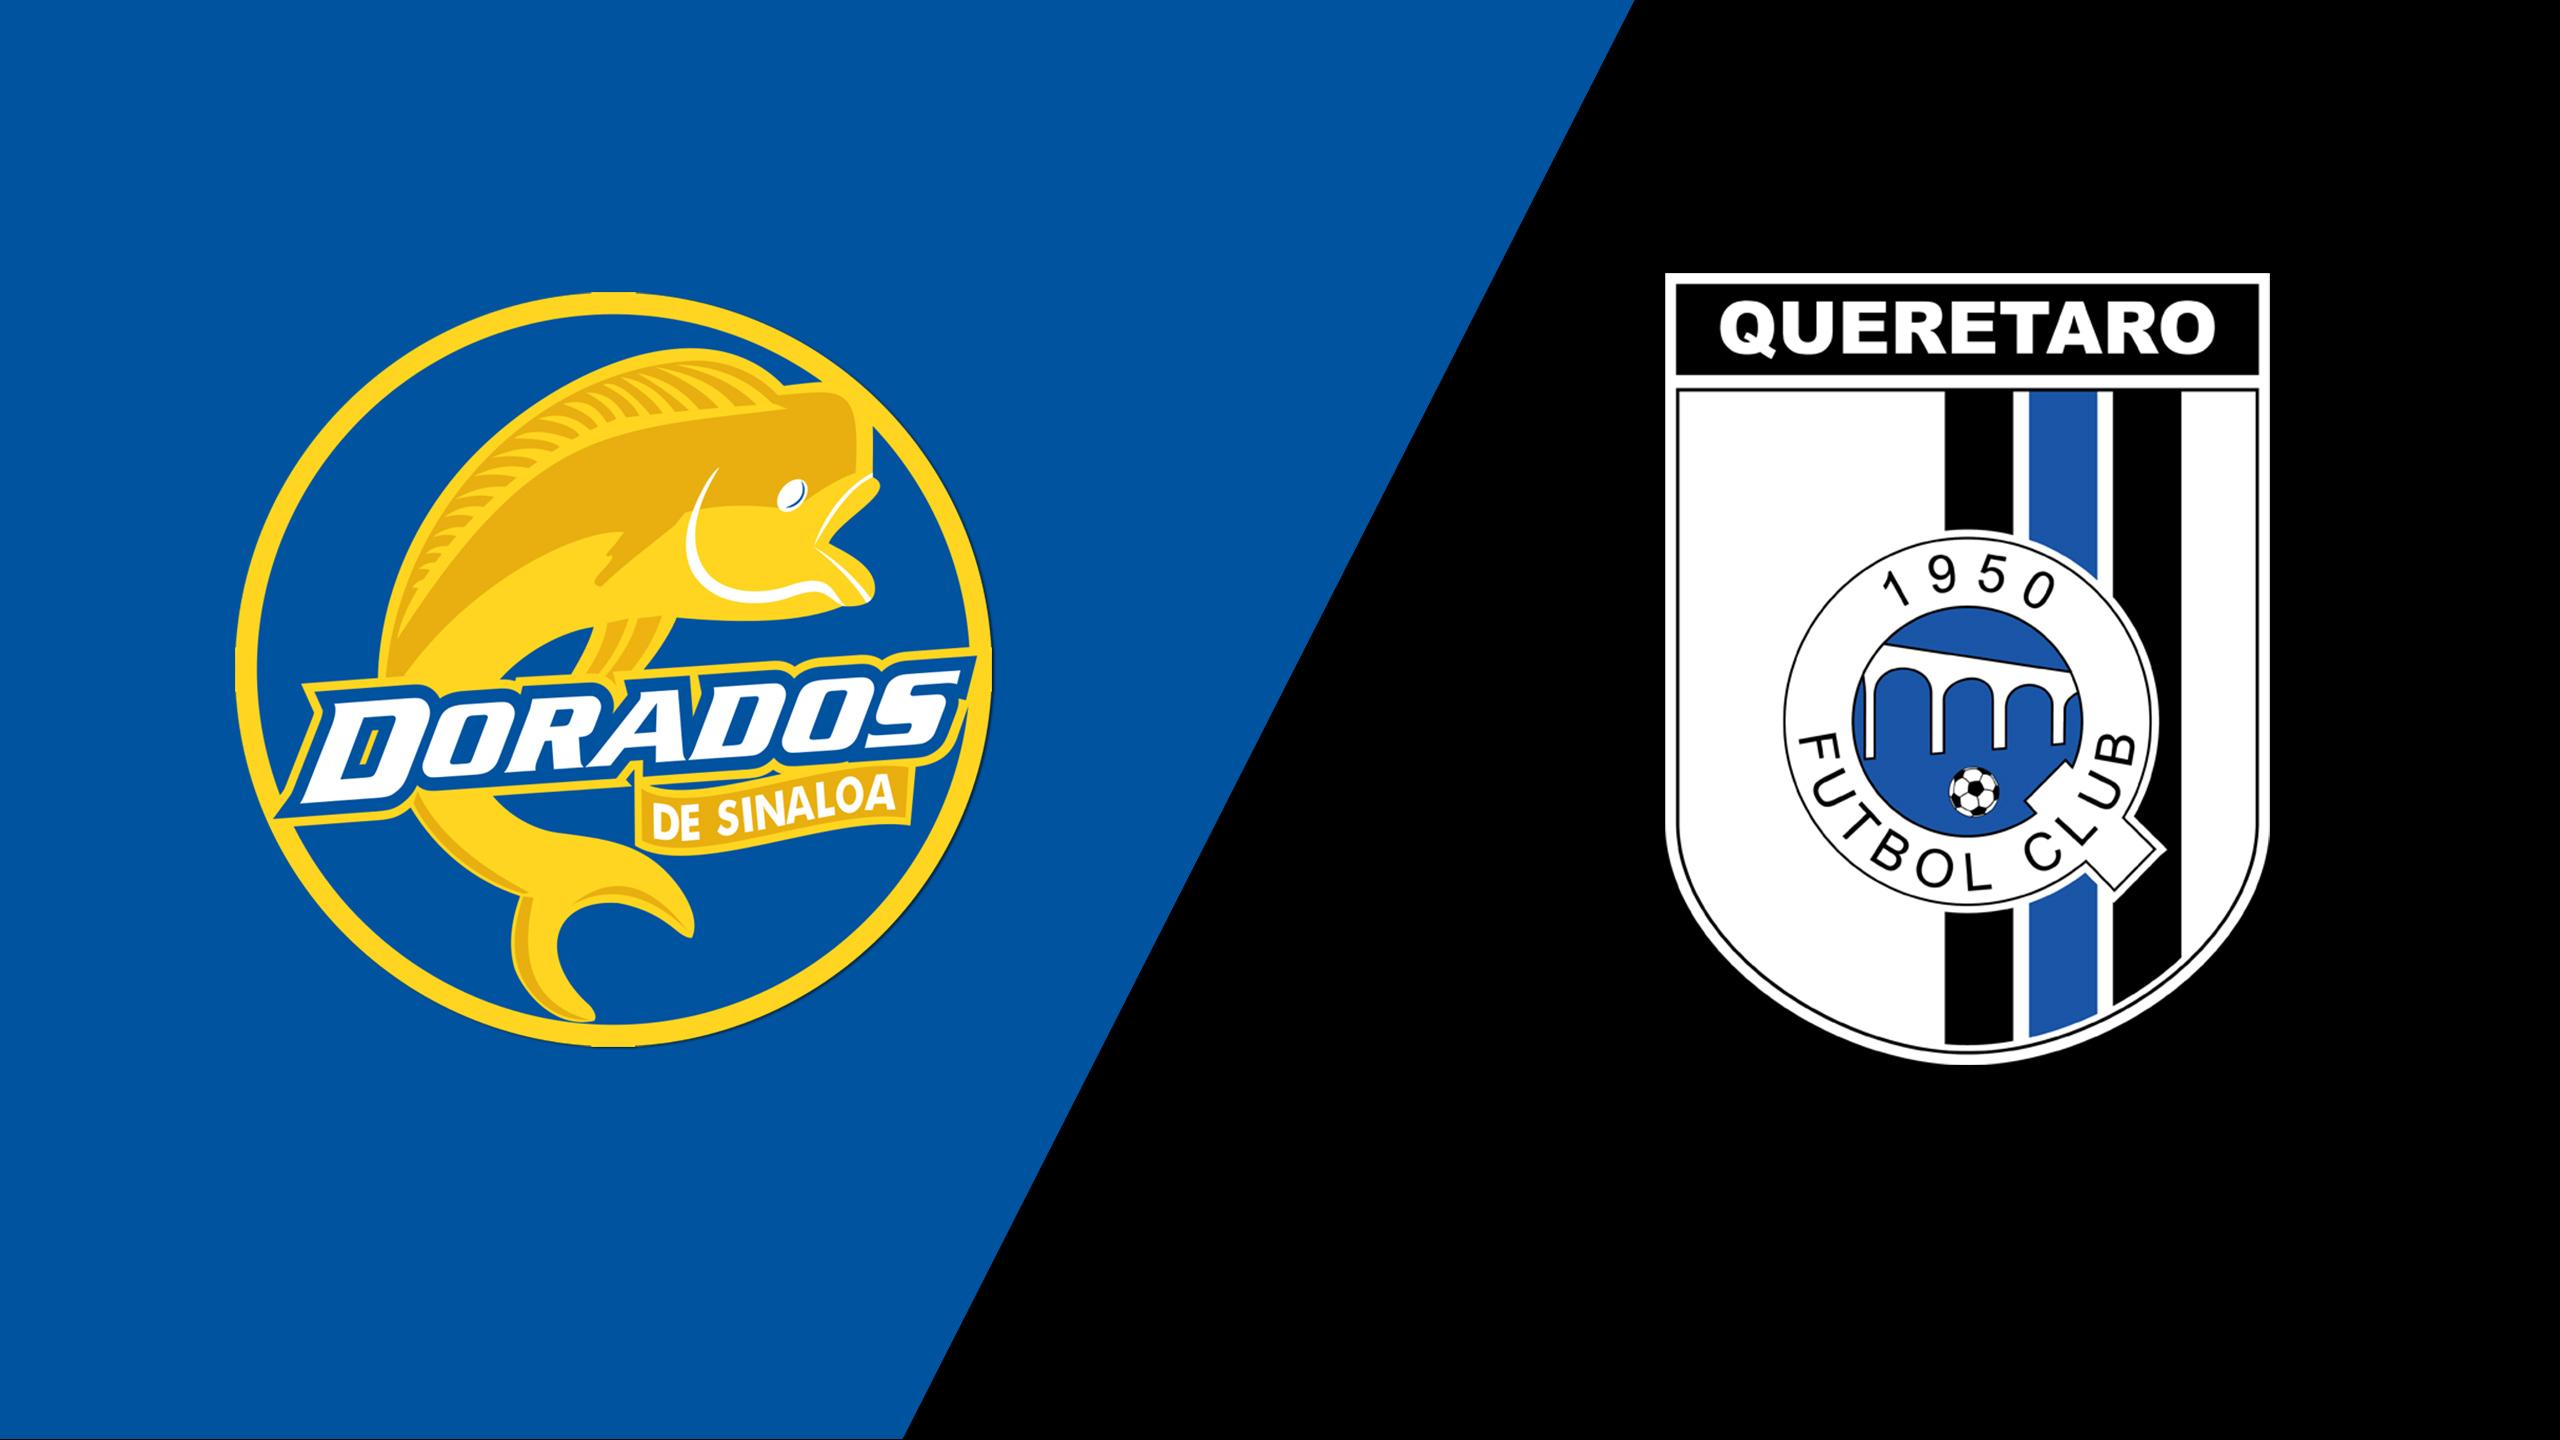 Dorados de Sinaloa vs. Gallos Blancos de Querétaro (Jornada 6)